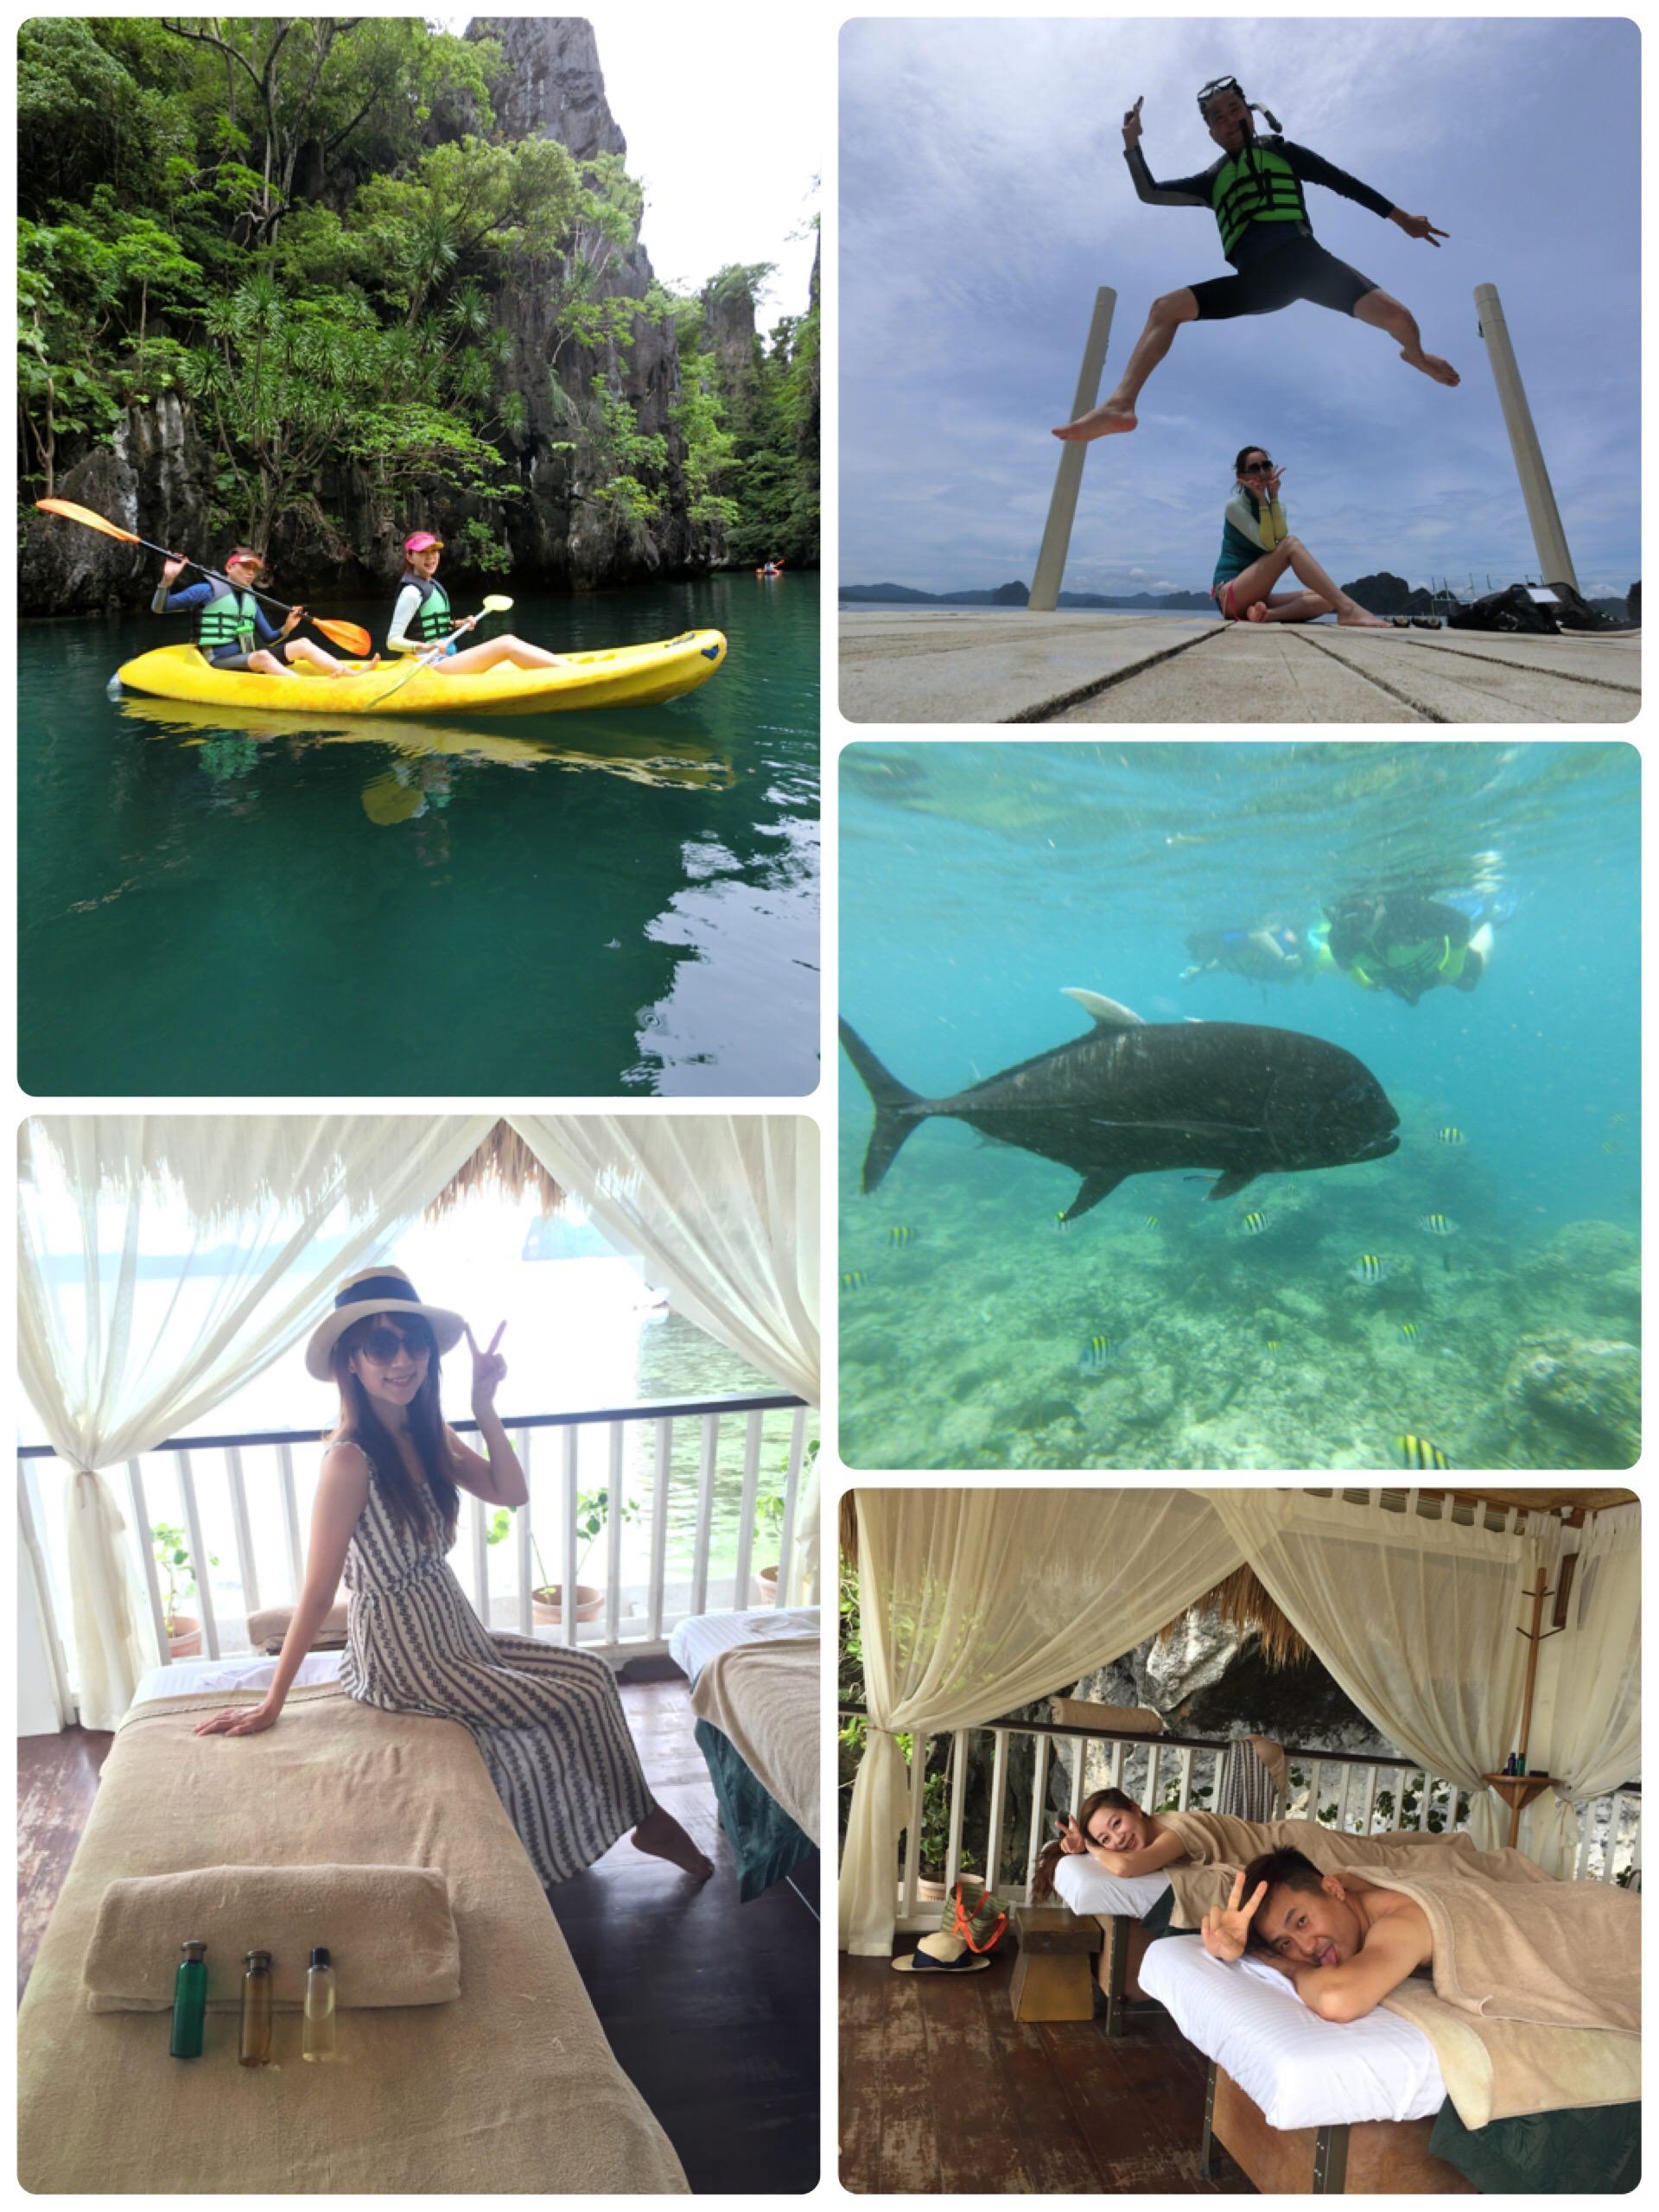 夢幻島嶼愛尼島El  NIDO♥美麗珊瑚礁+大小瀉湖+Miniloc全包式度假村♥愜意又悠閒的雙人浪漫旅程(≧∇≦)/完結篇